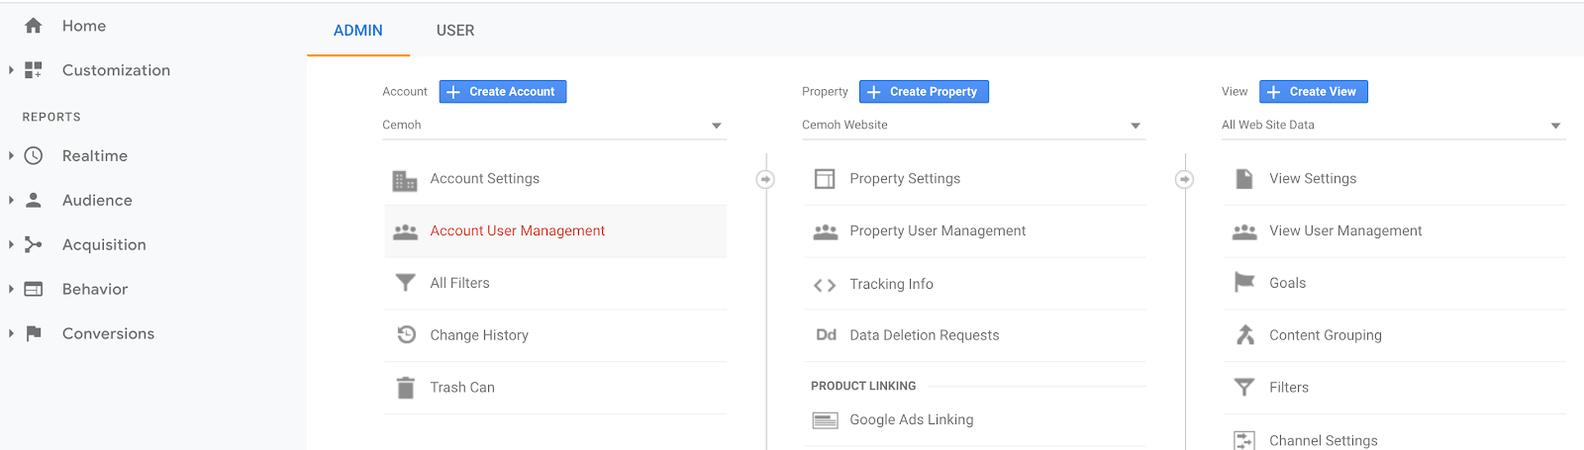 google analytics account management view